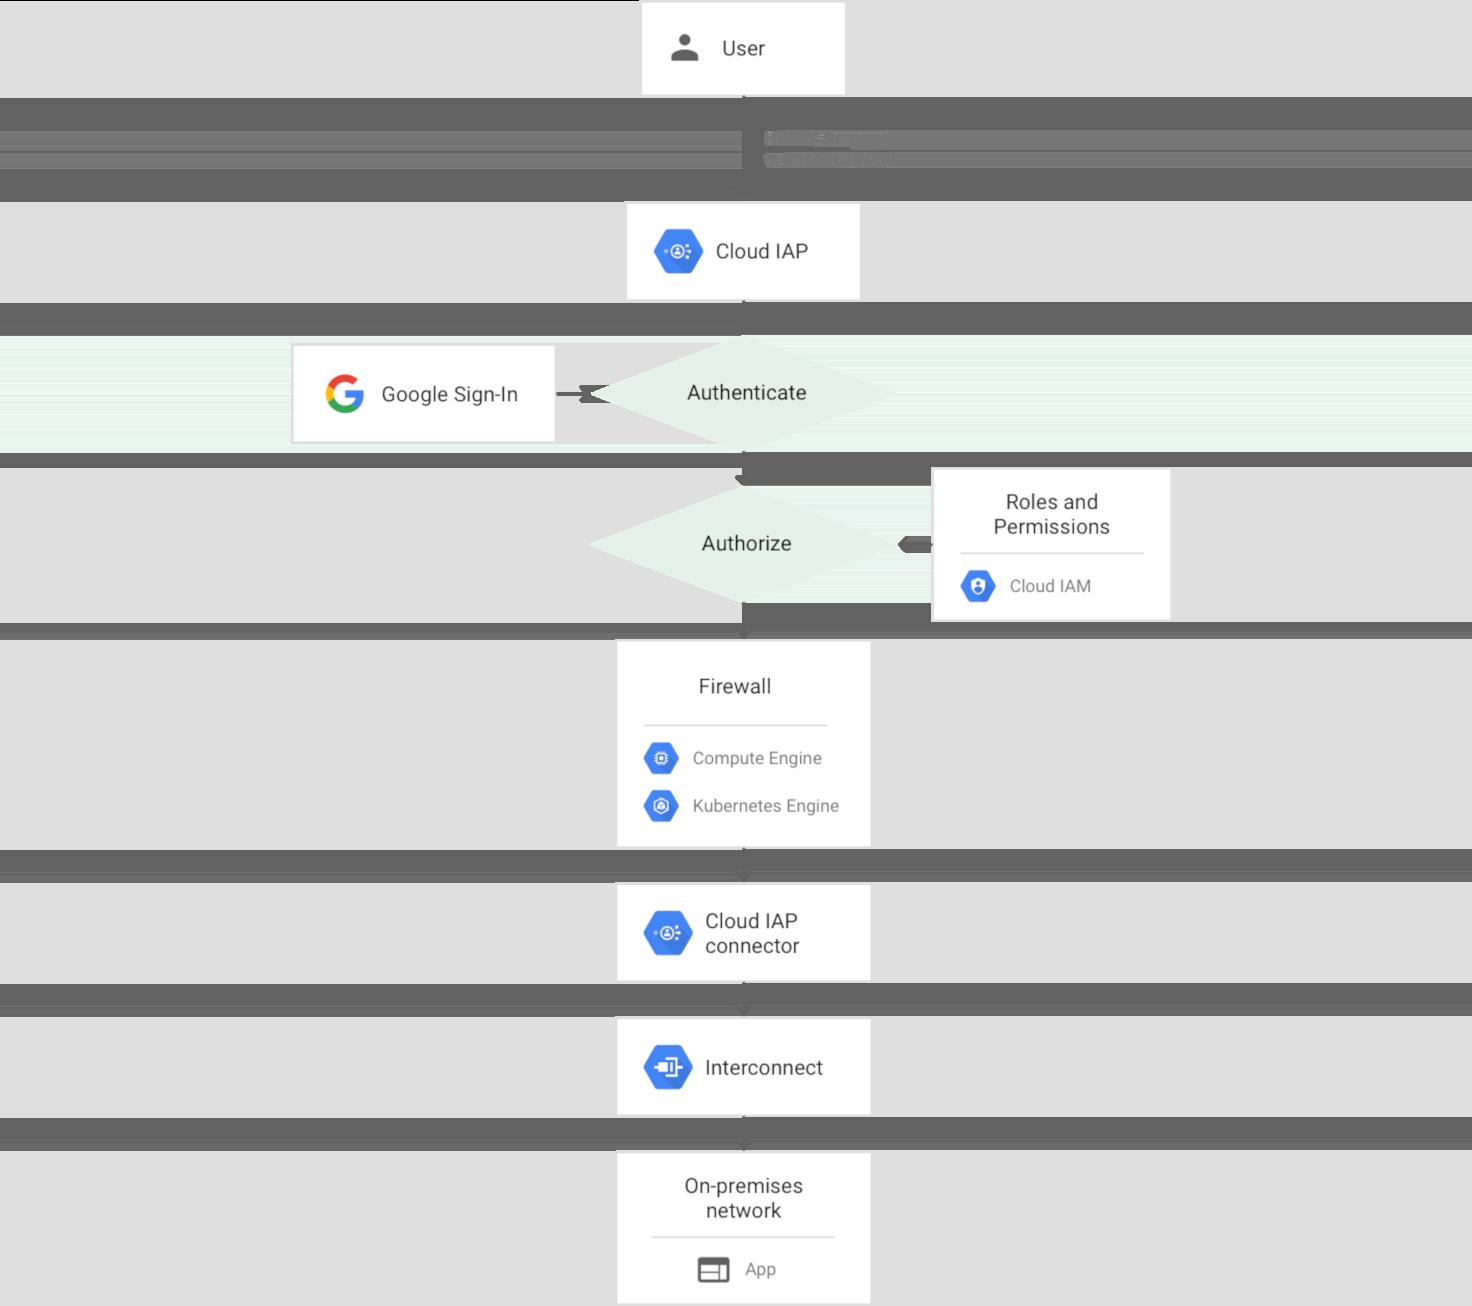 Diagrama do caminho de solicitação para um app local ao usar o Cloud IAP